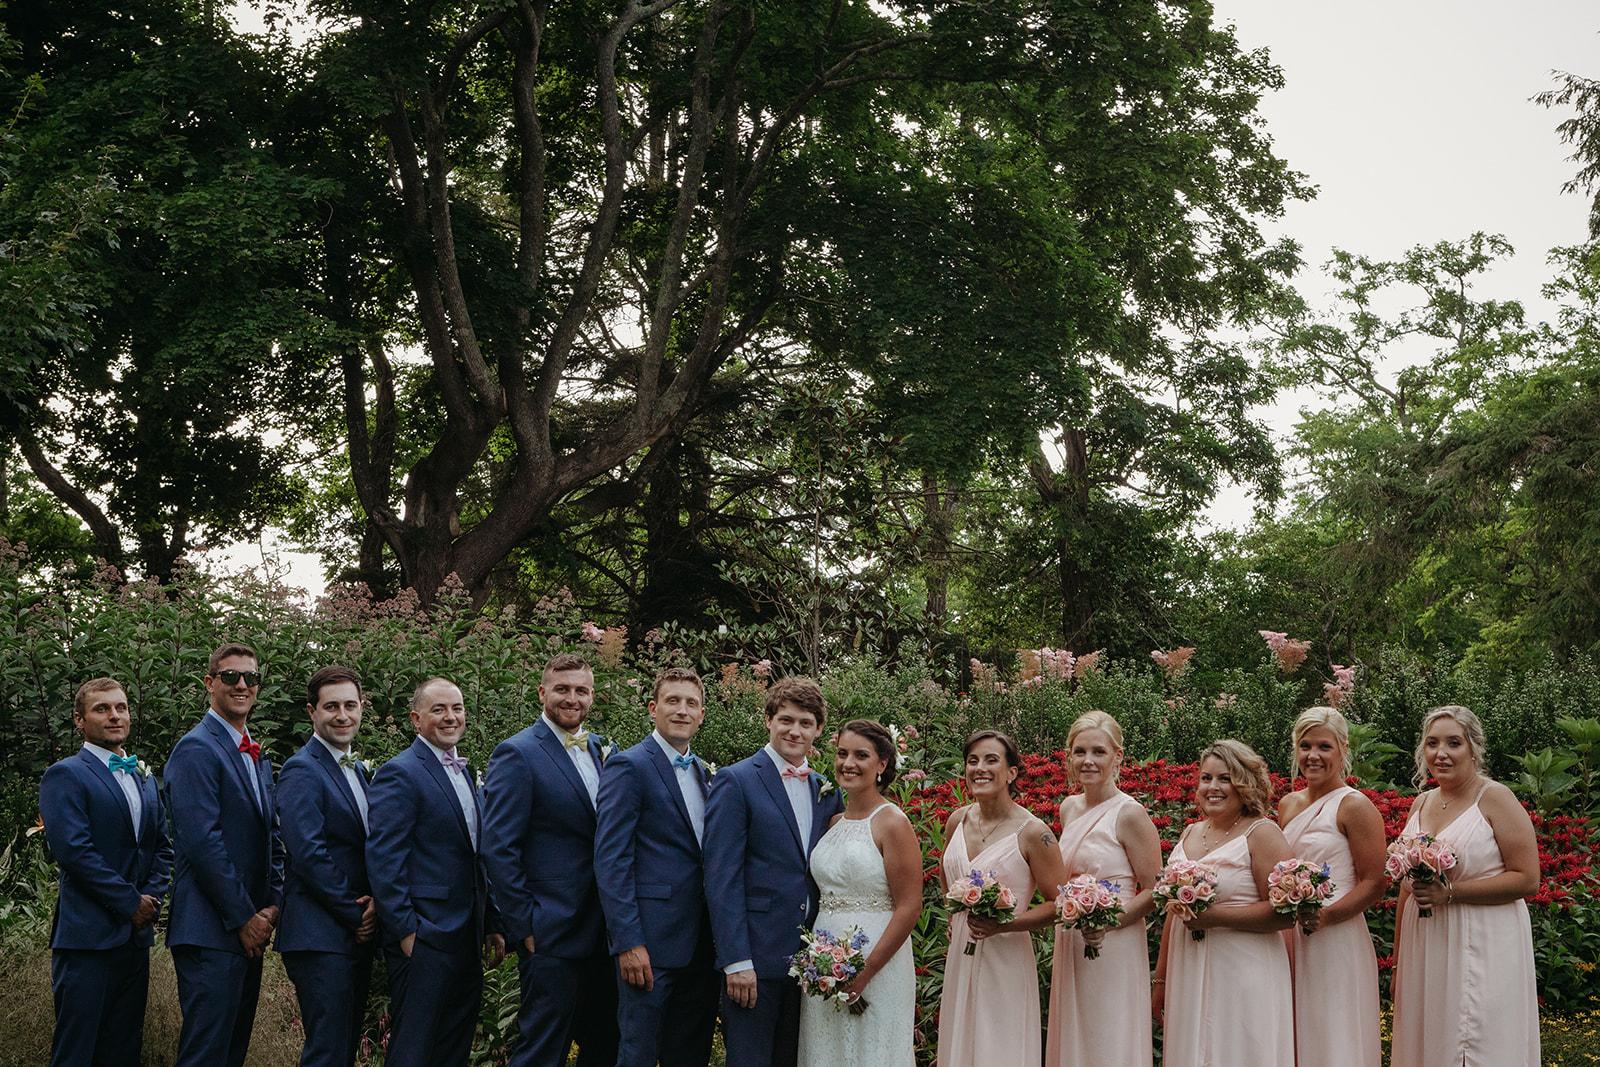 weddingparty-9095.jpg